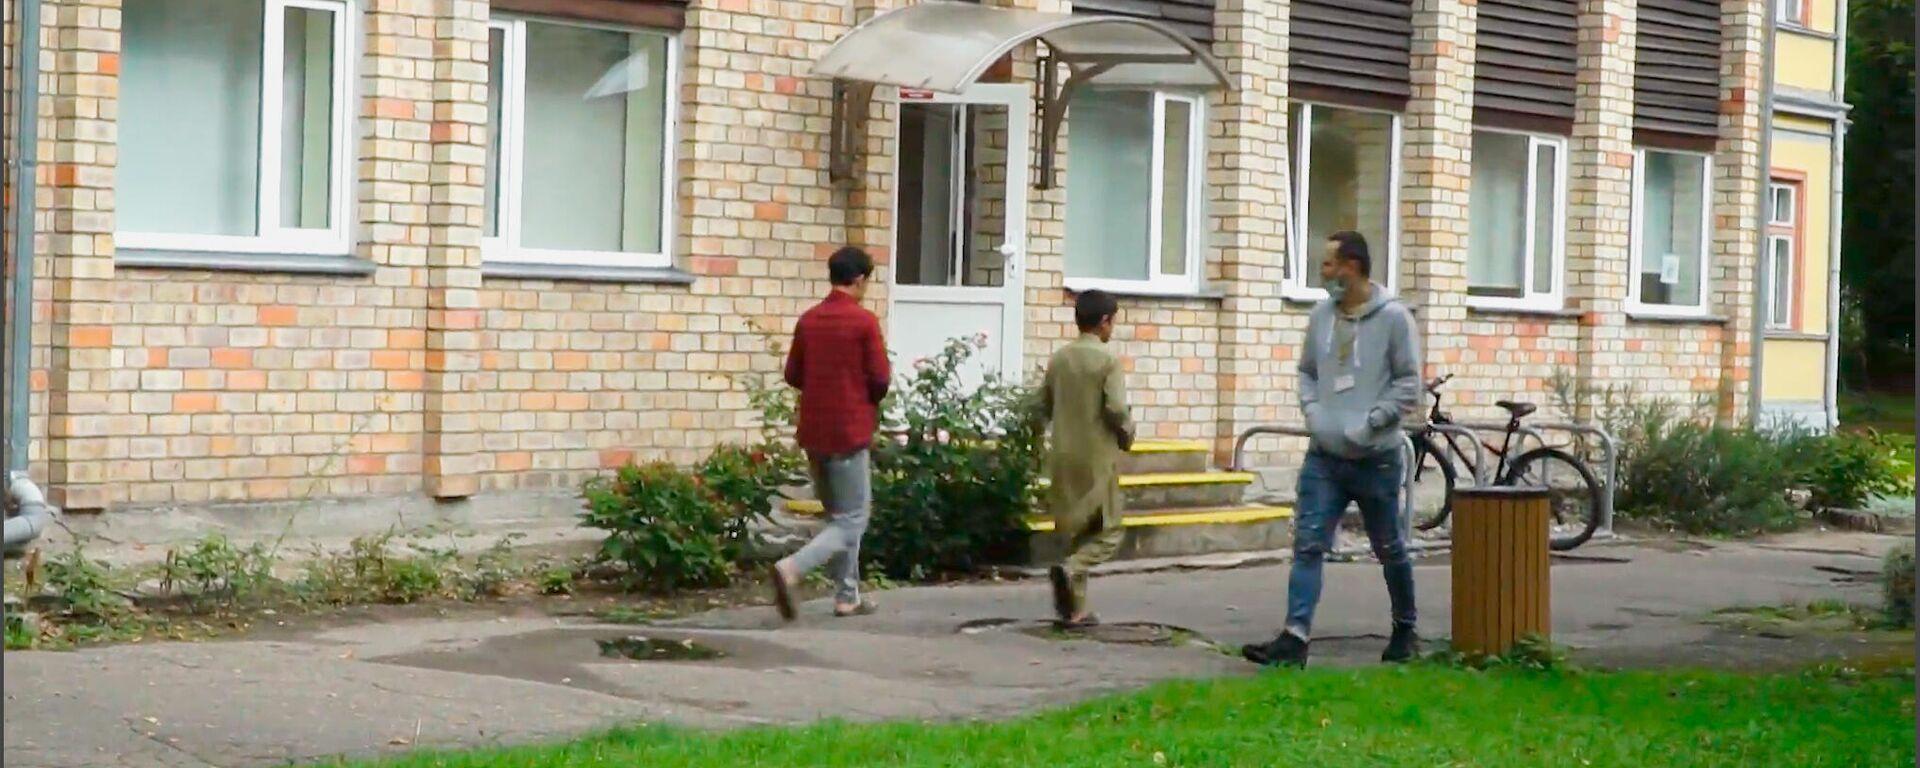 Место размещения беженцев из Афганистана в Юрмале сняли на видео - Sputnik Латвия, 1920, 16.09.2021